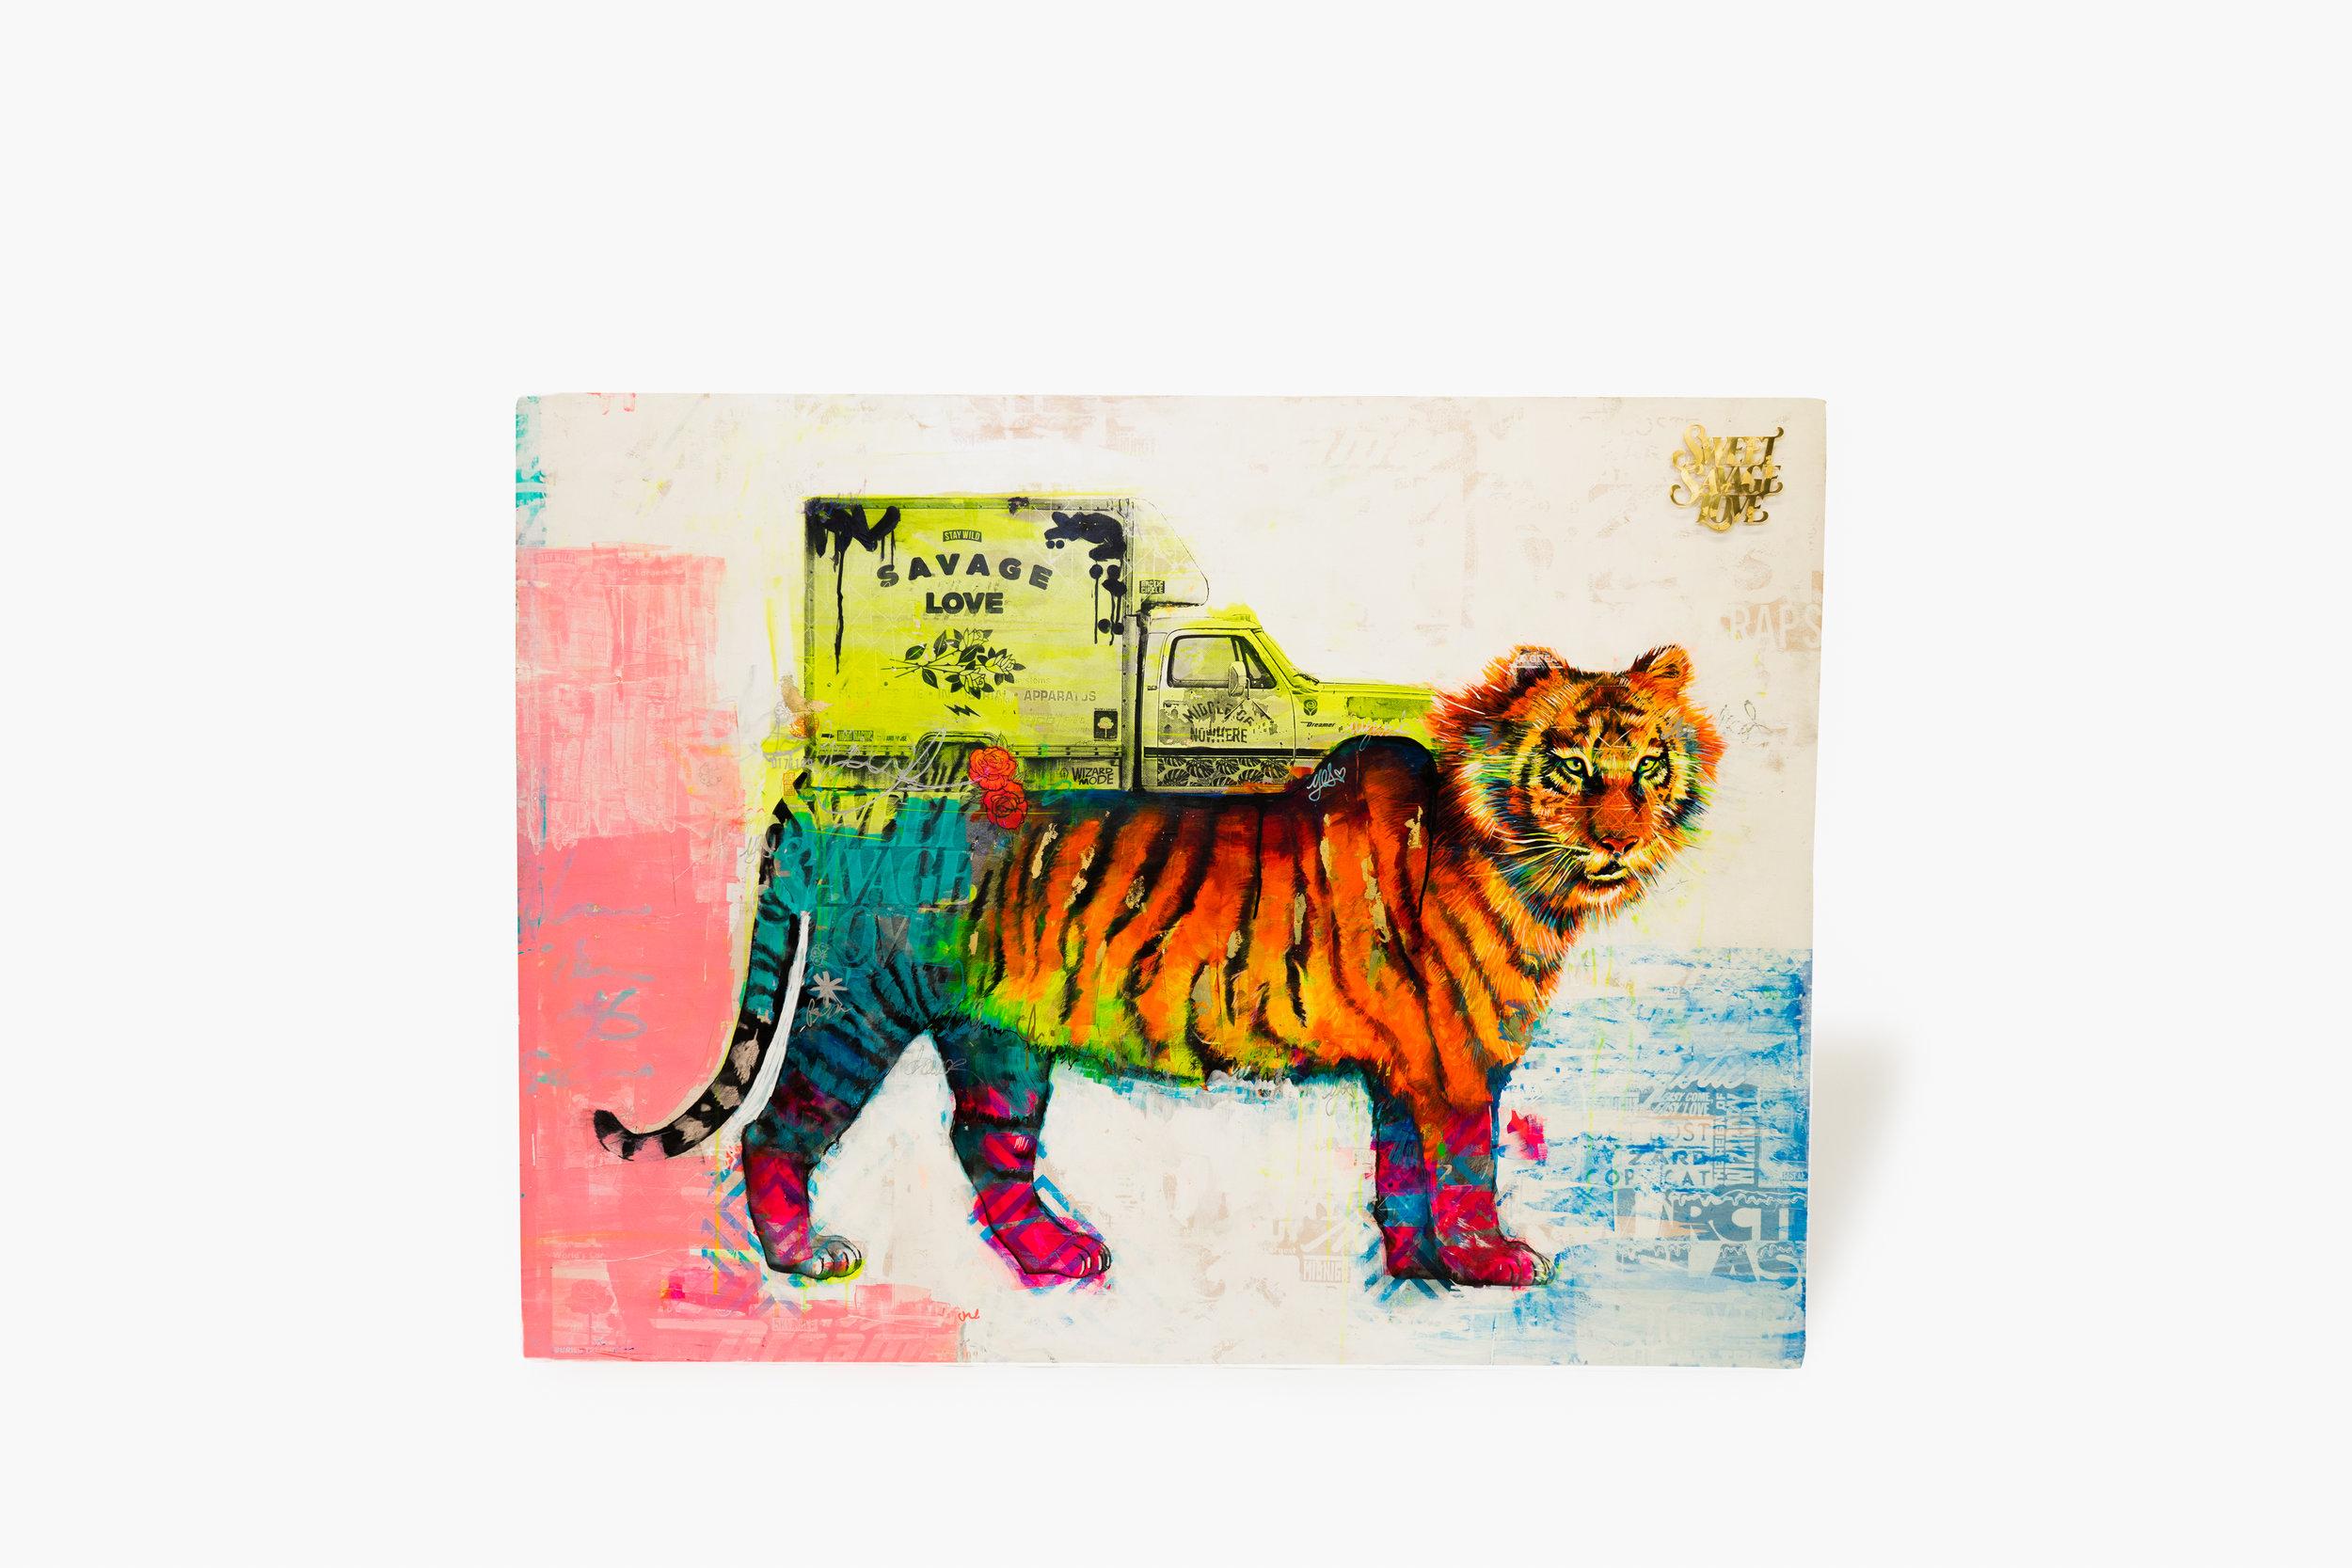 Canvas, watercolor paint, encaustic, golden wonder.